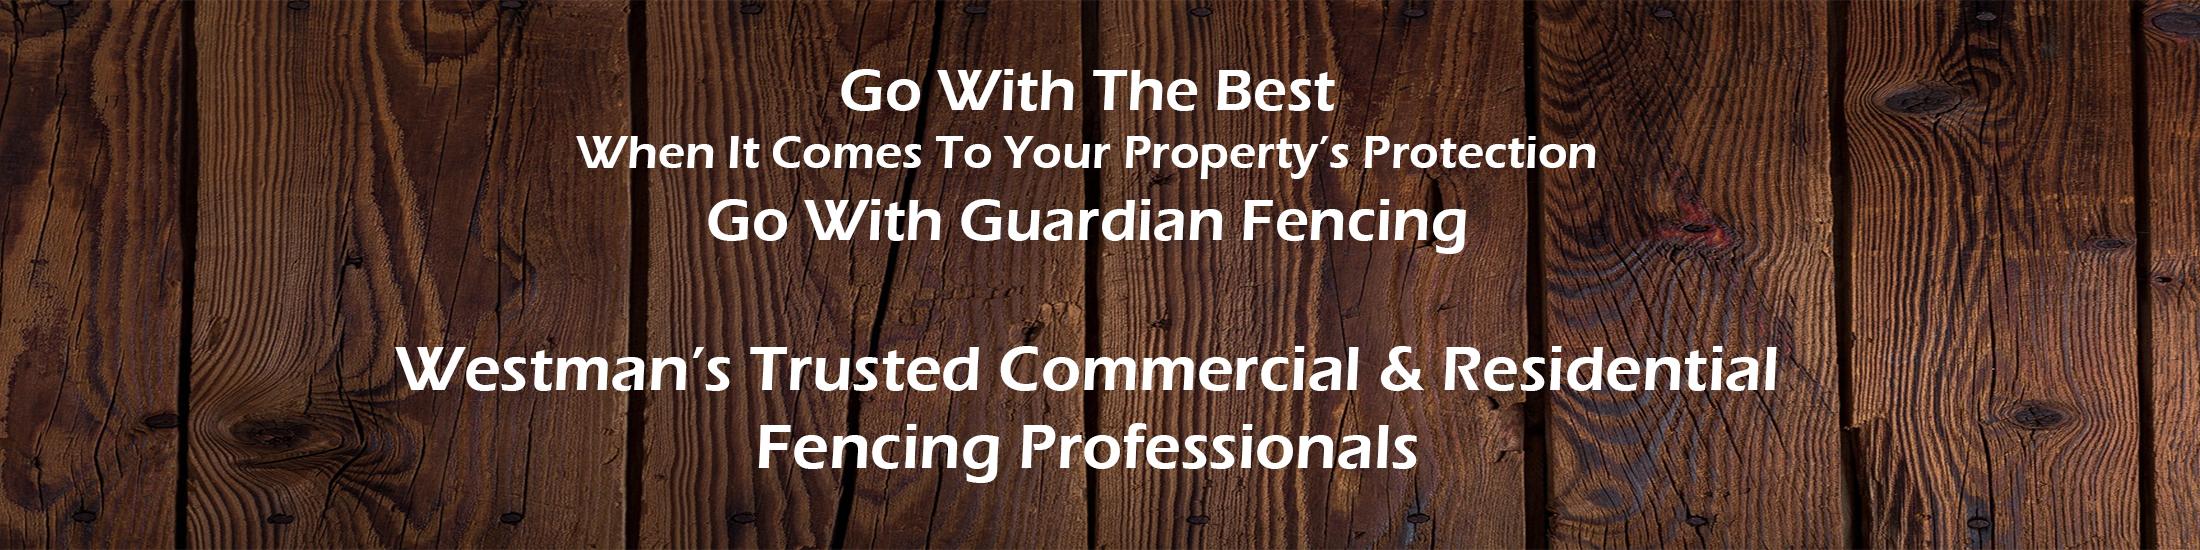 Guardian Fencing Brandon